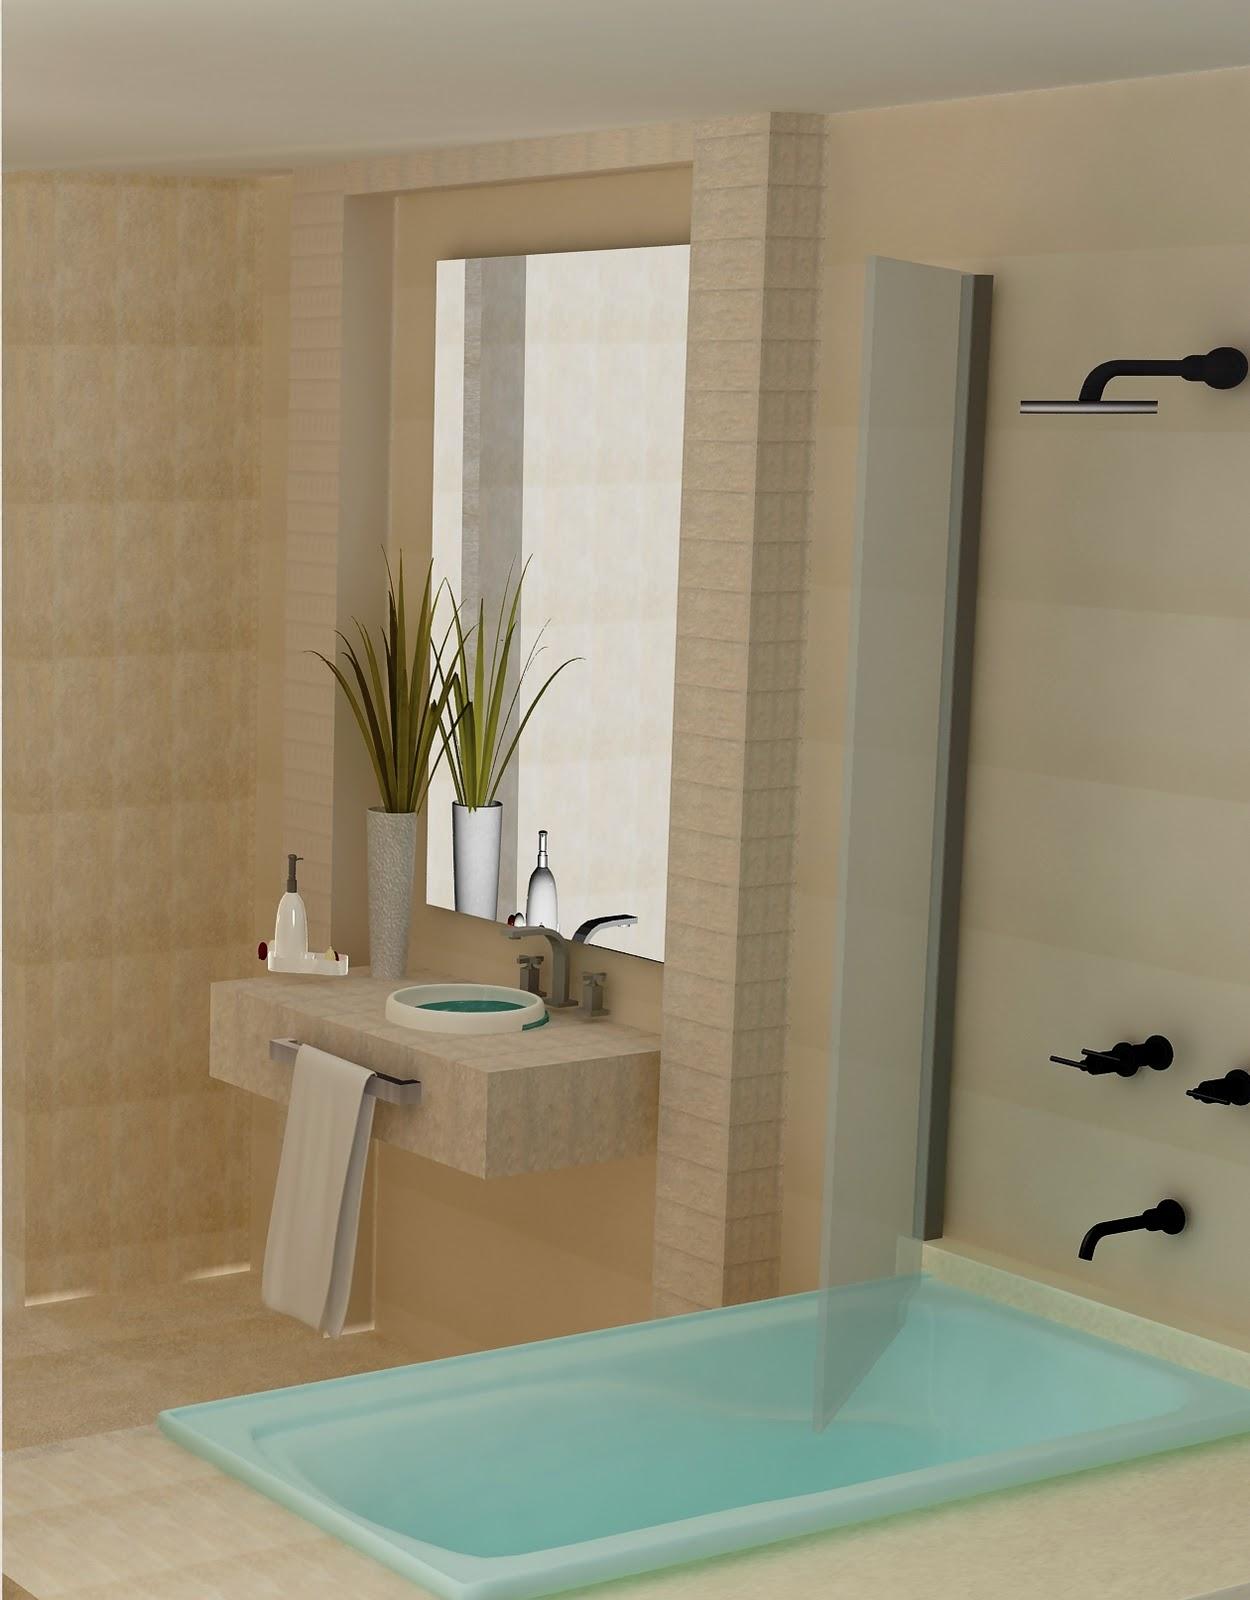 Dise o de interiores ba o proyecto - Proyecto diseno de interiores ...